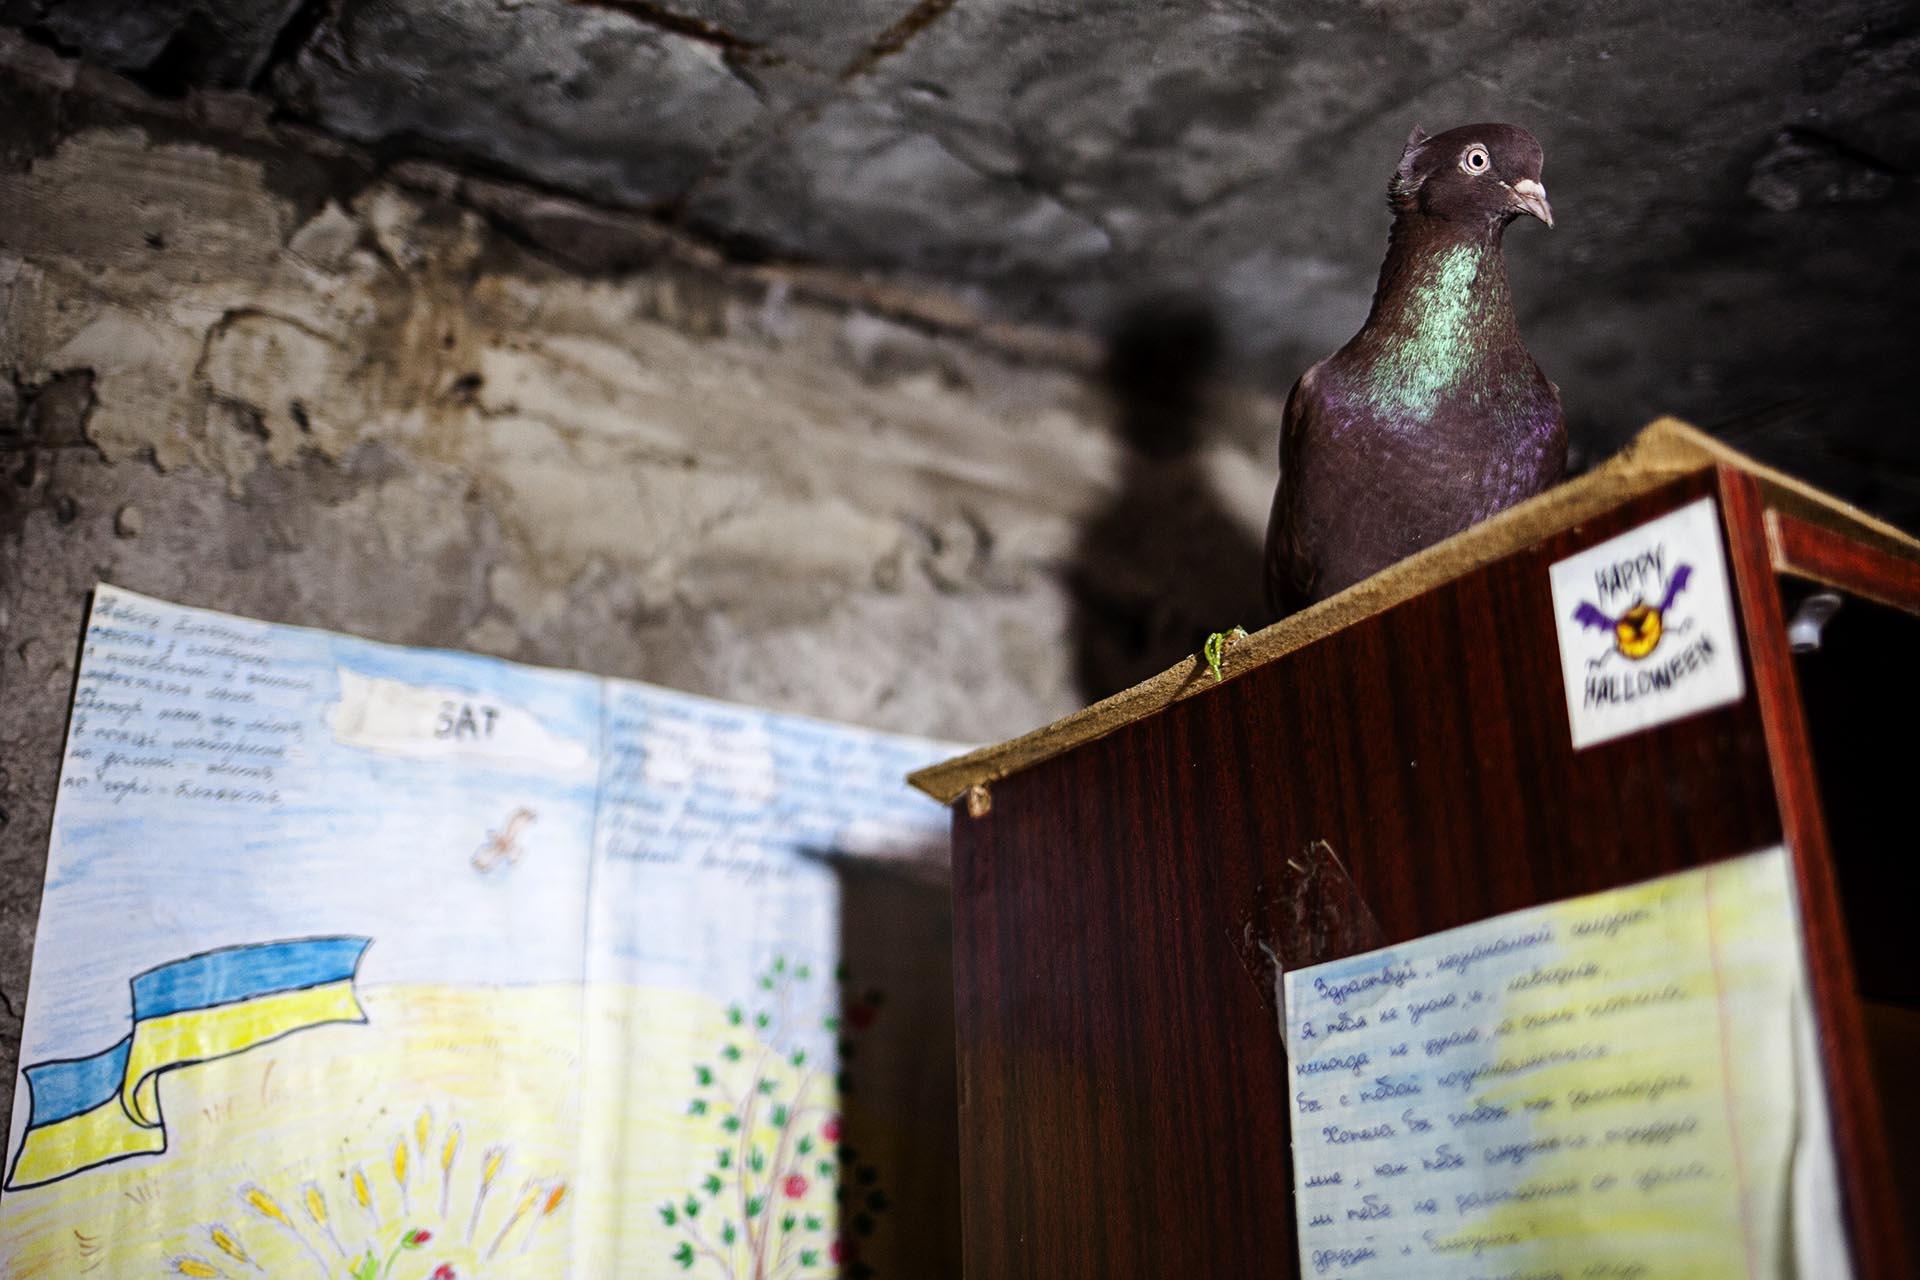 La mascota de un batallón ucraniano en la base temporal en el sótano de una casa en el frente cerca de Avdeevka.